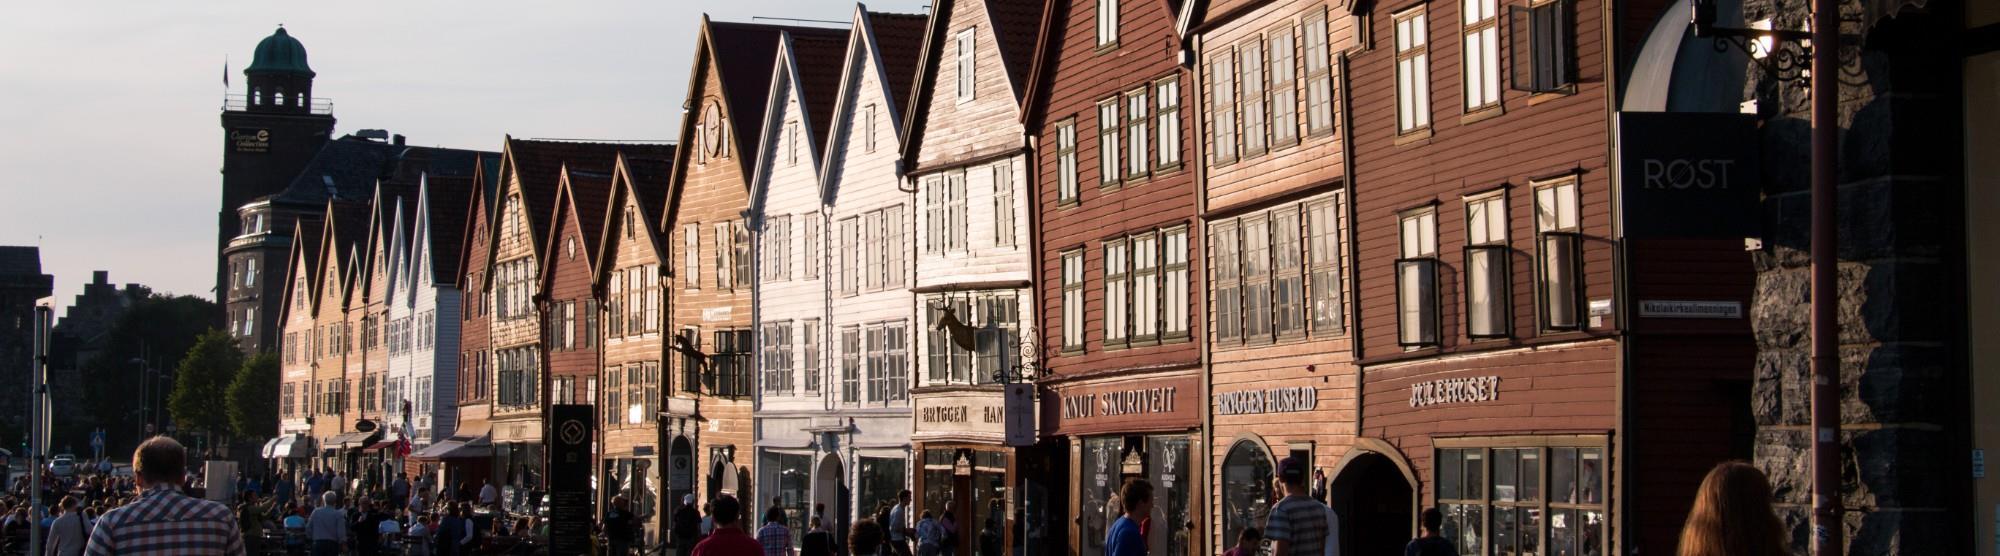 Things to do in Bergen - Bryggen